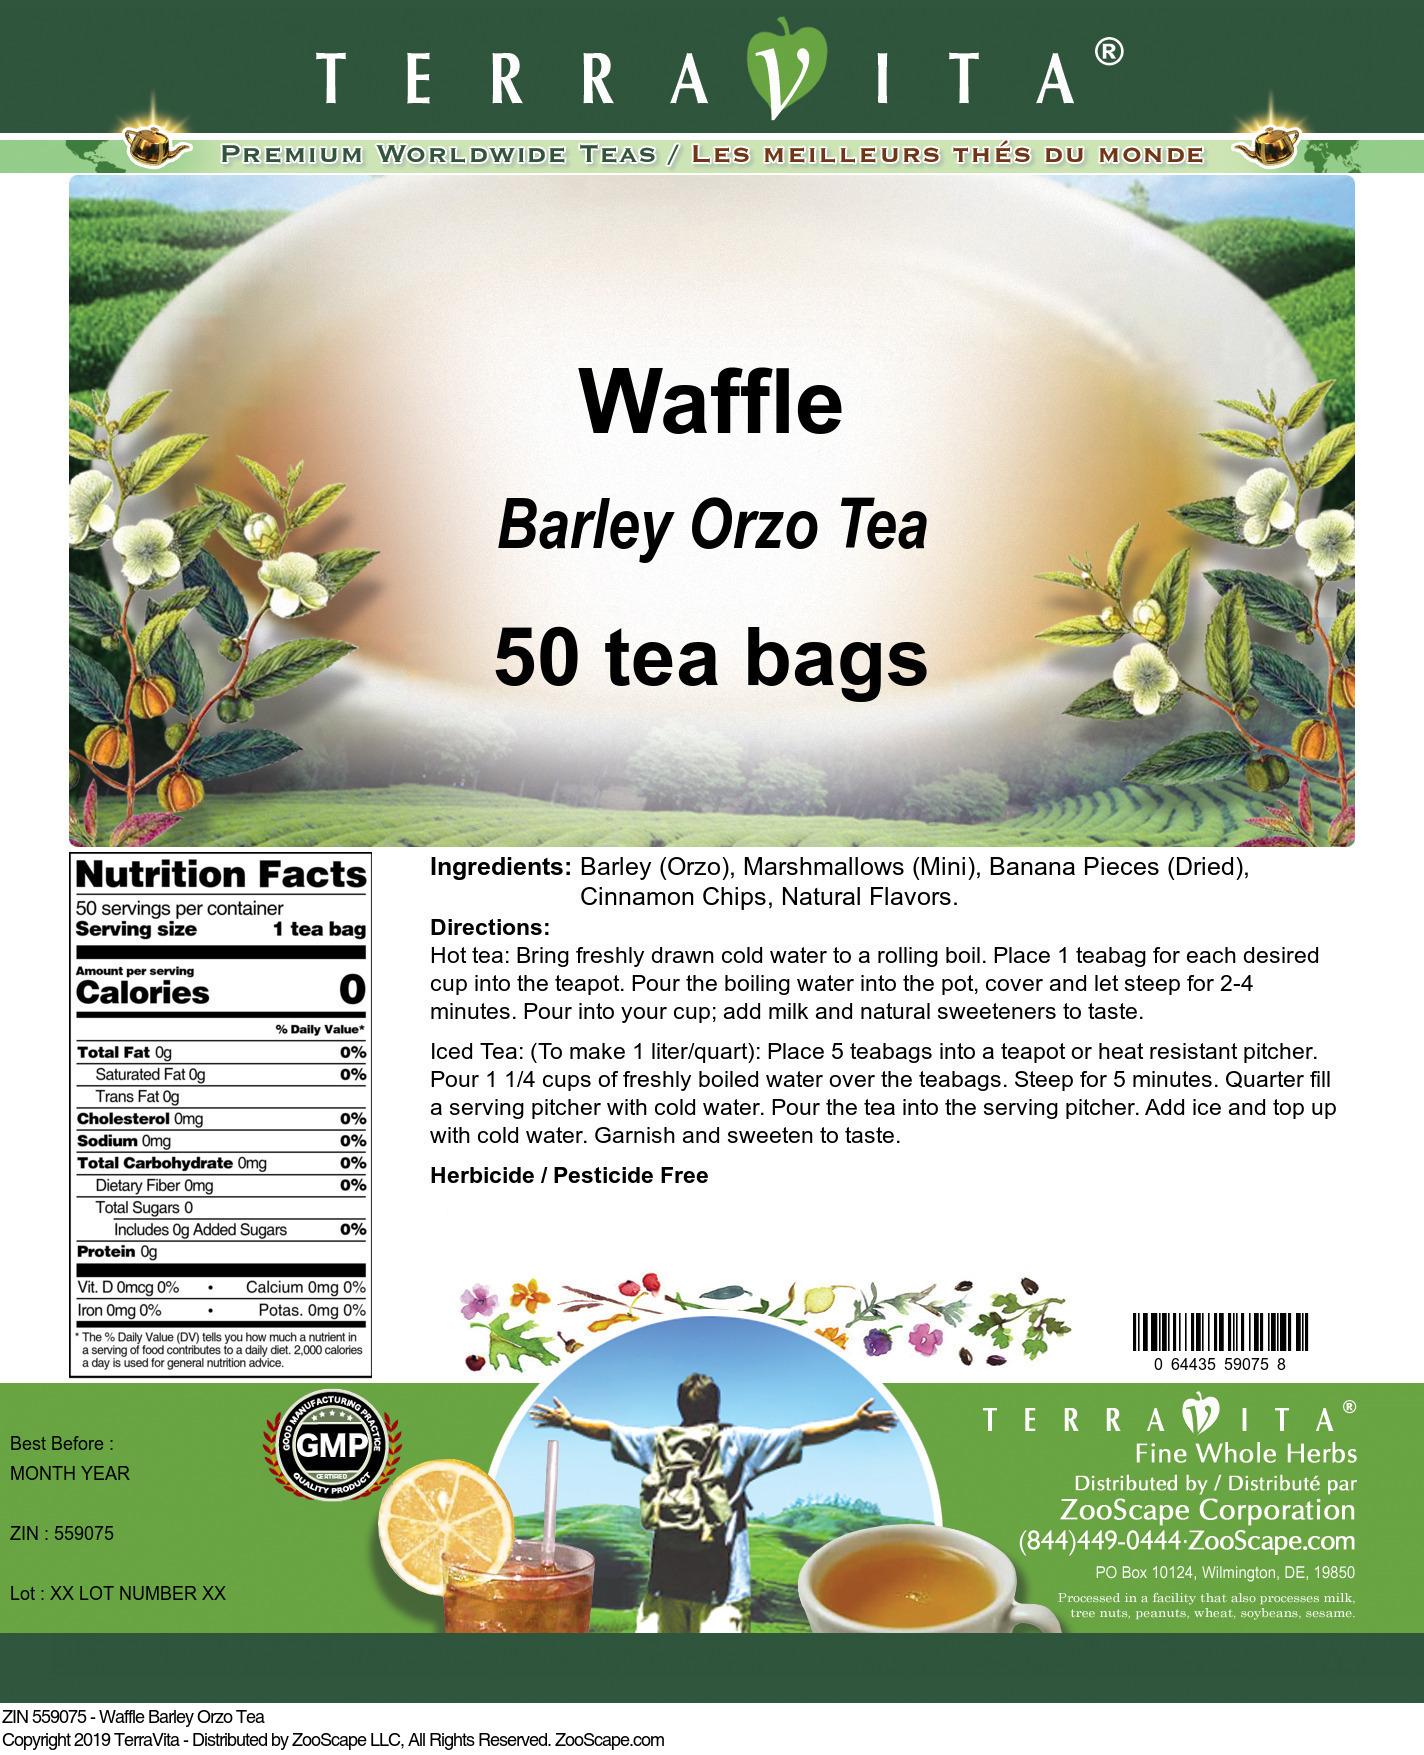 Waffle Barley Orzo Tea